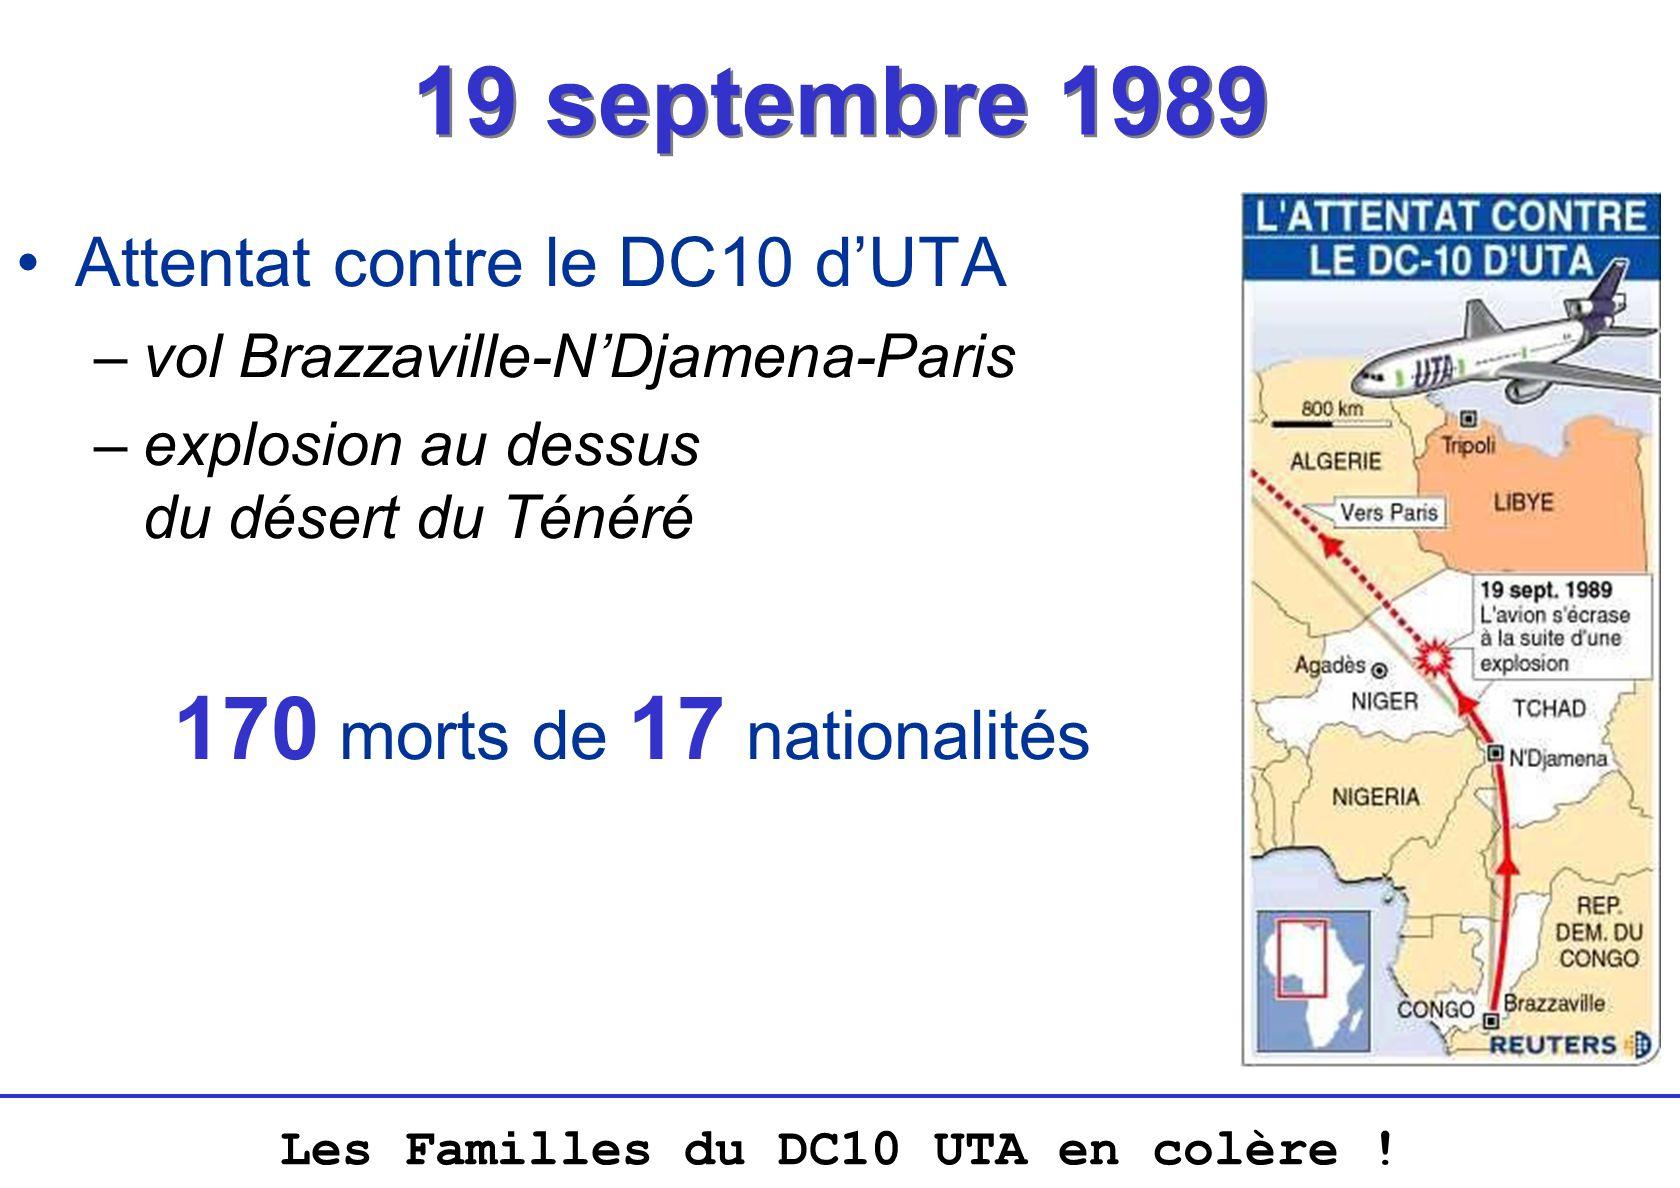 Les Familles du DC10 UTA en colère ! 19 septembre 1989 Attentat contre le DC10 dUTA –vol Brazzaville-NDjamena-Paris –explosion au dessus du désert du